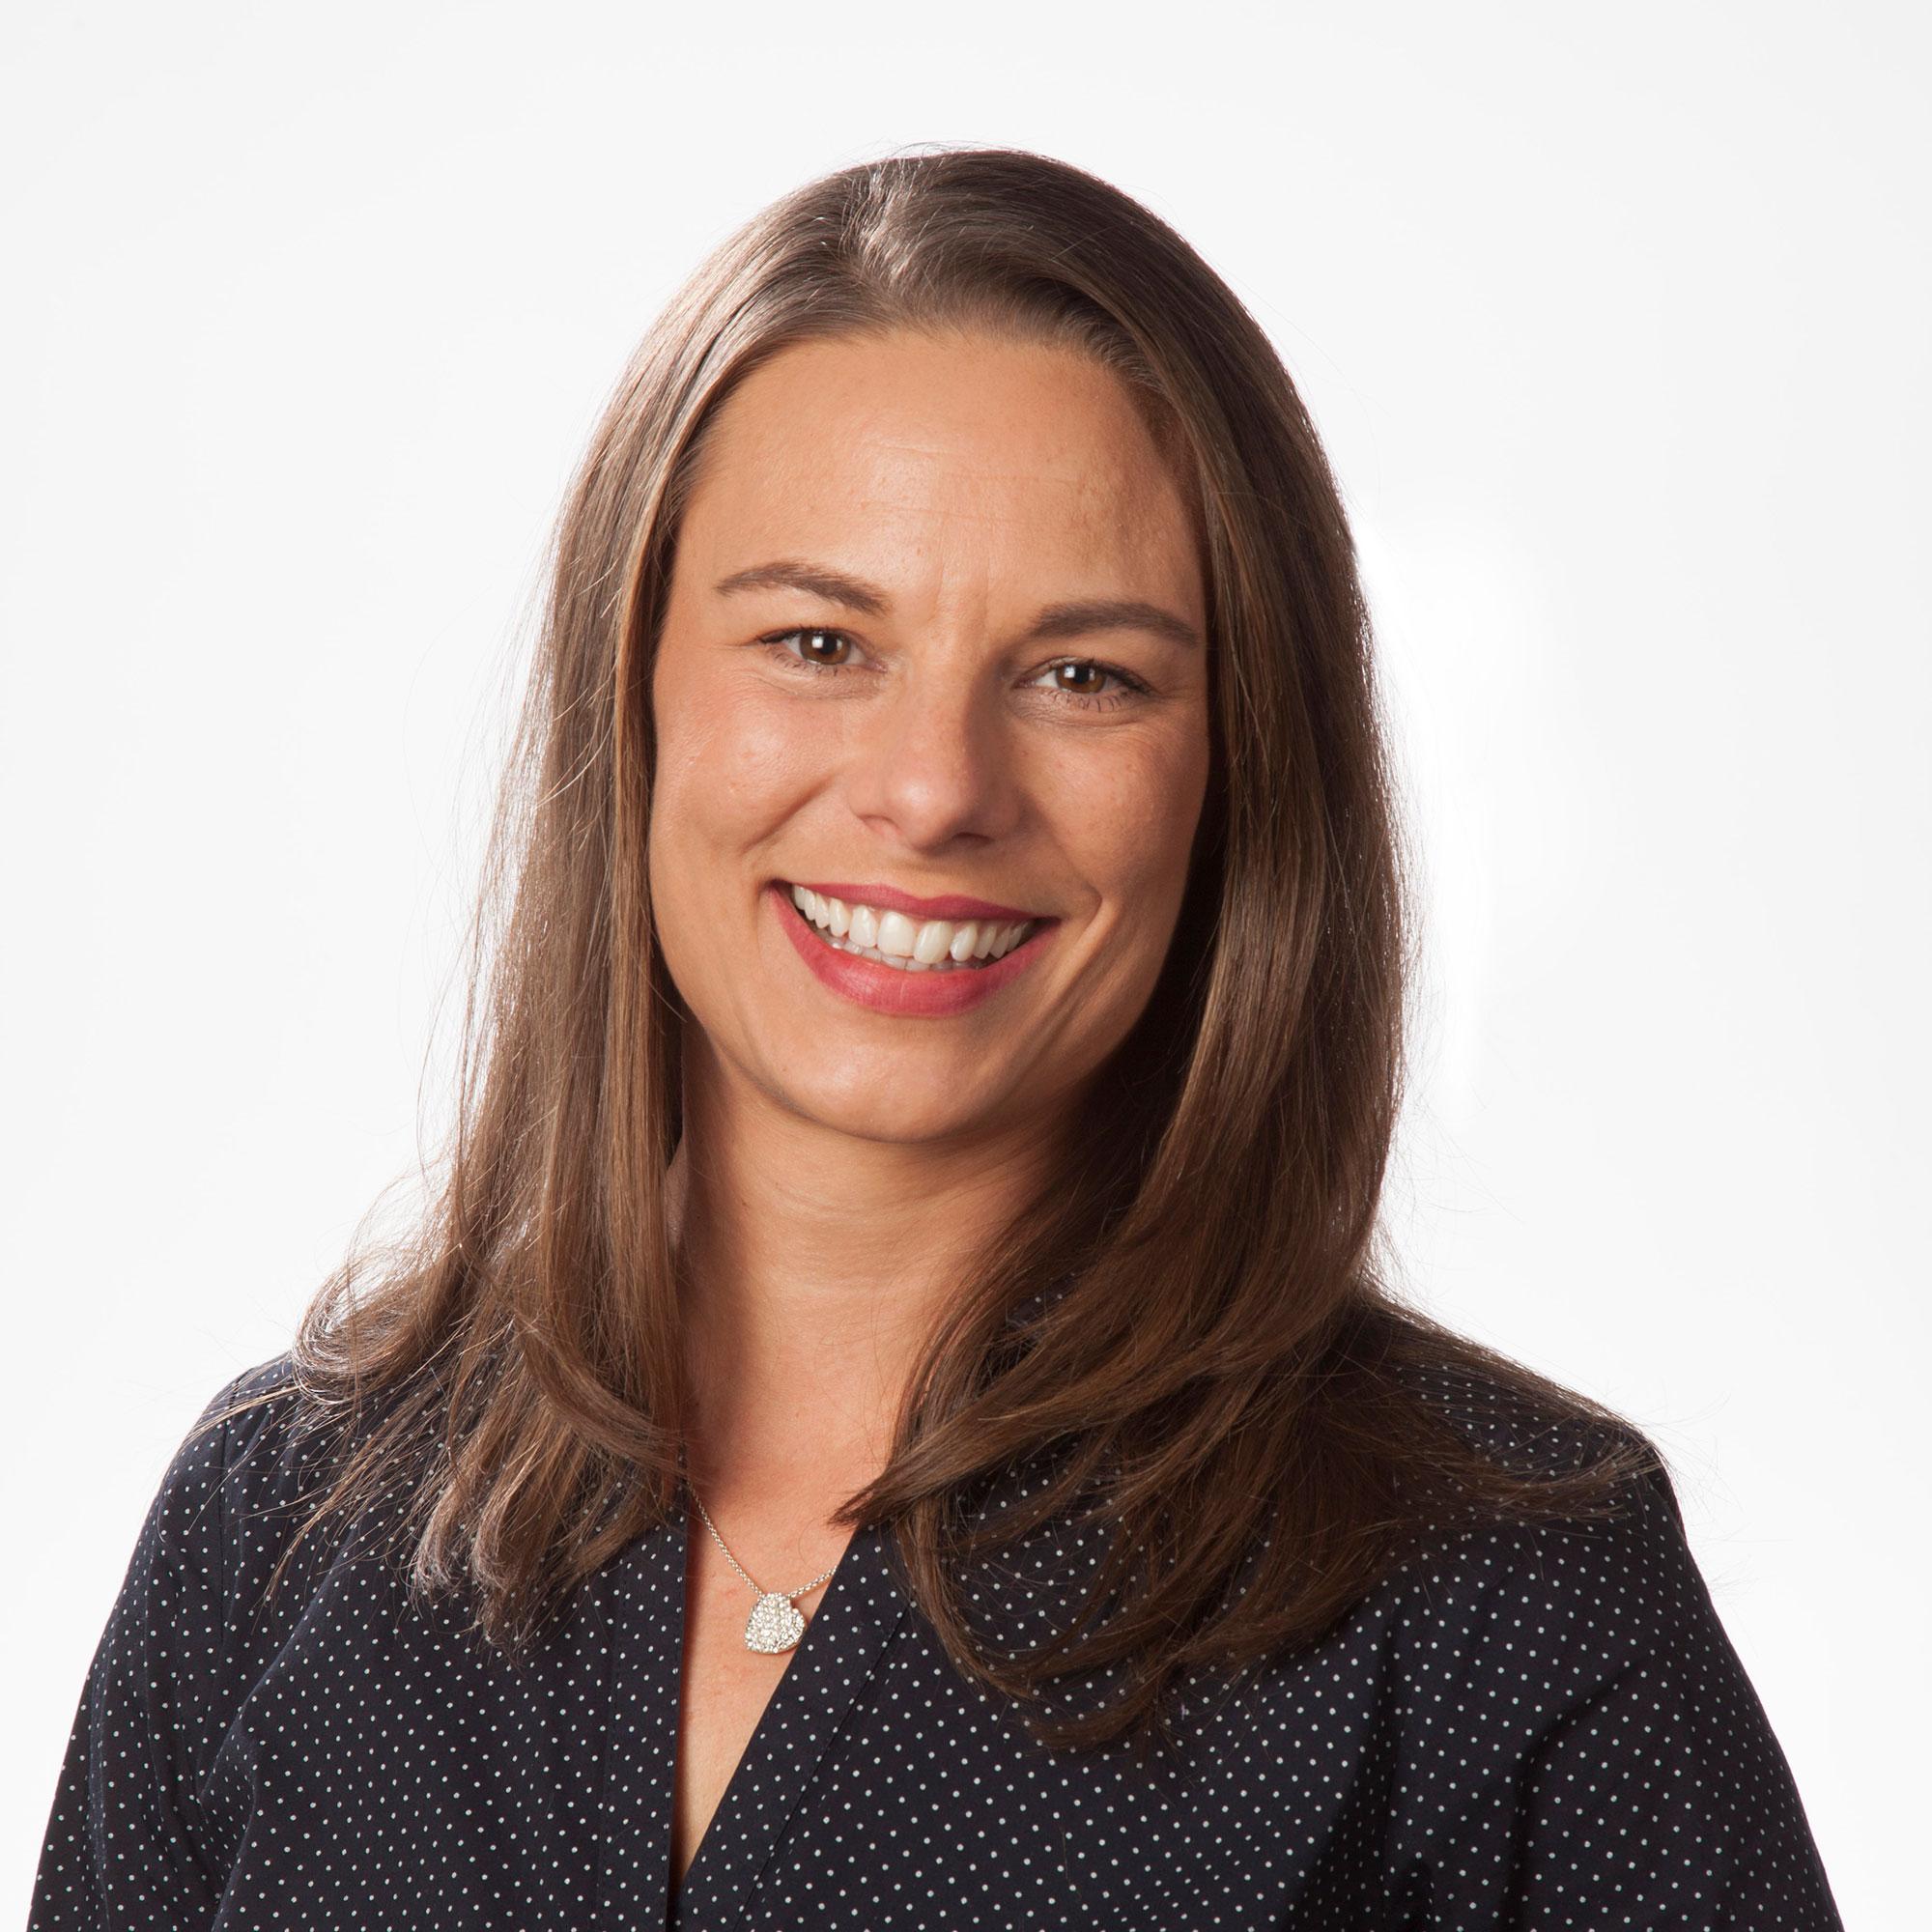 Lisa Sekyi